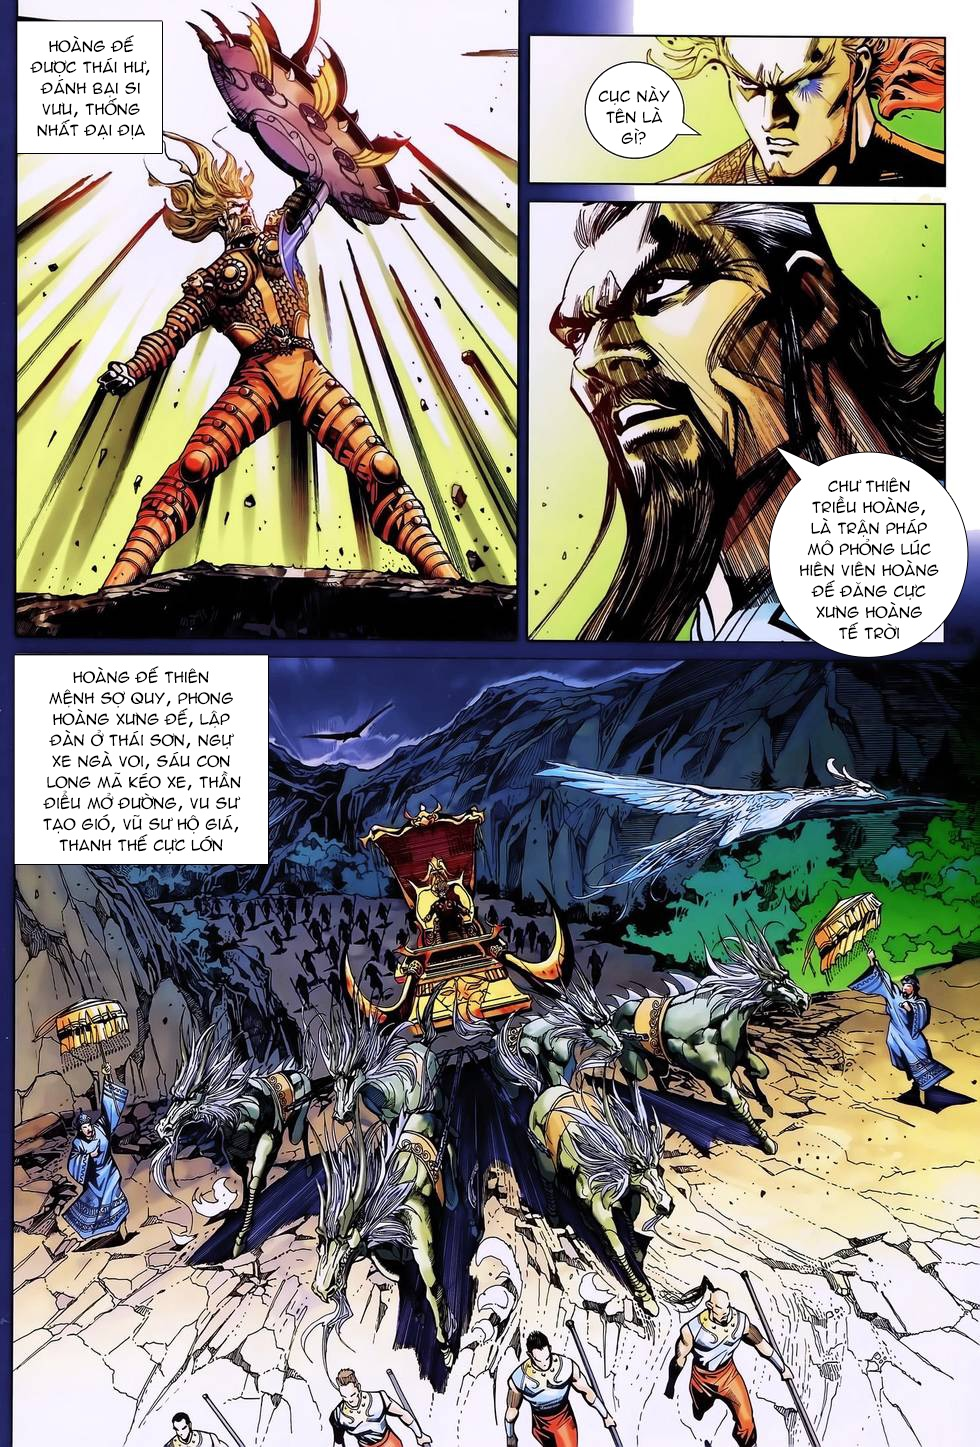 Thần binh huyền kỳ 3 - 3.5 tập 172 - 12